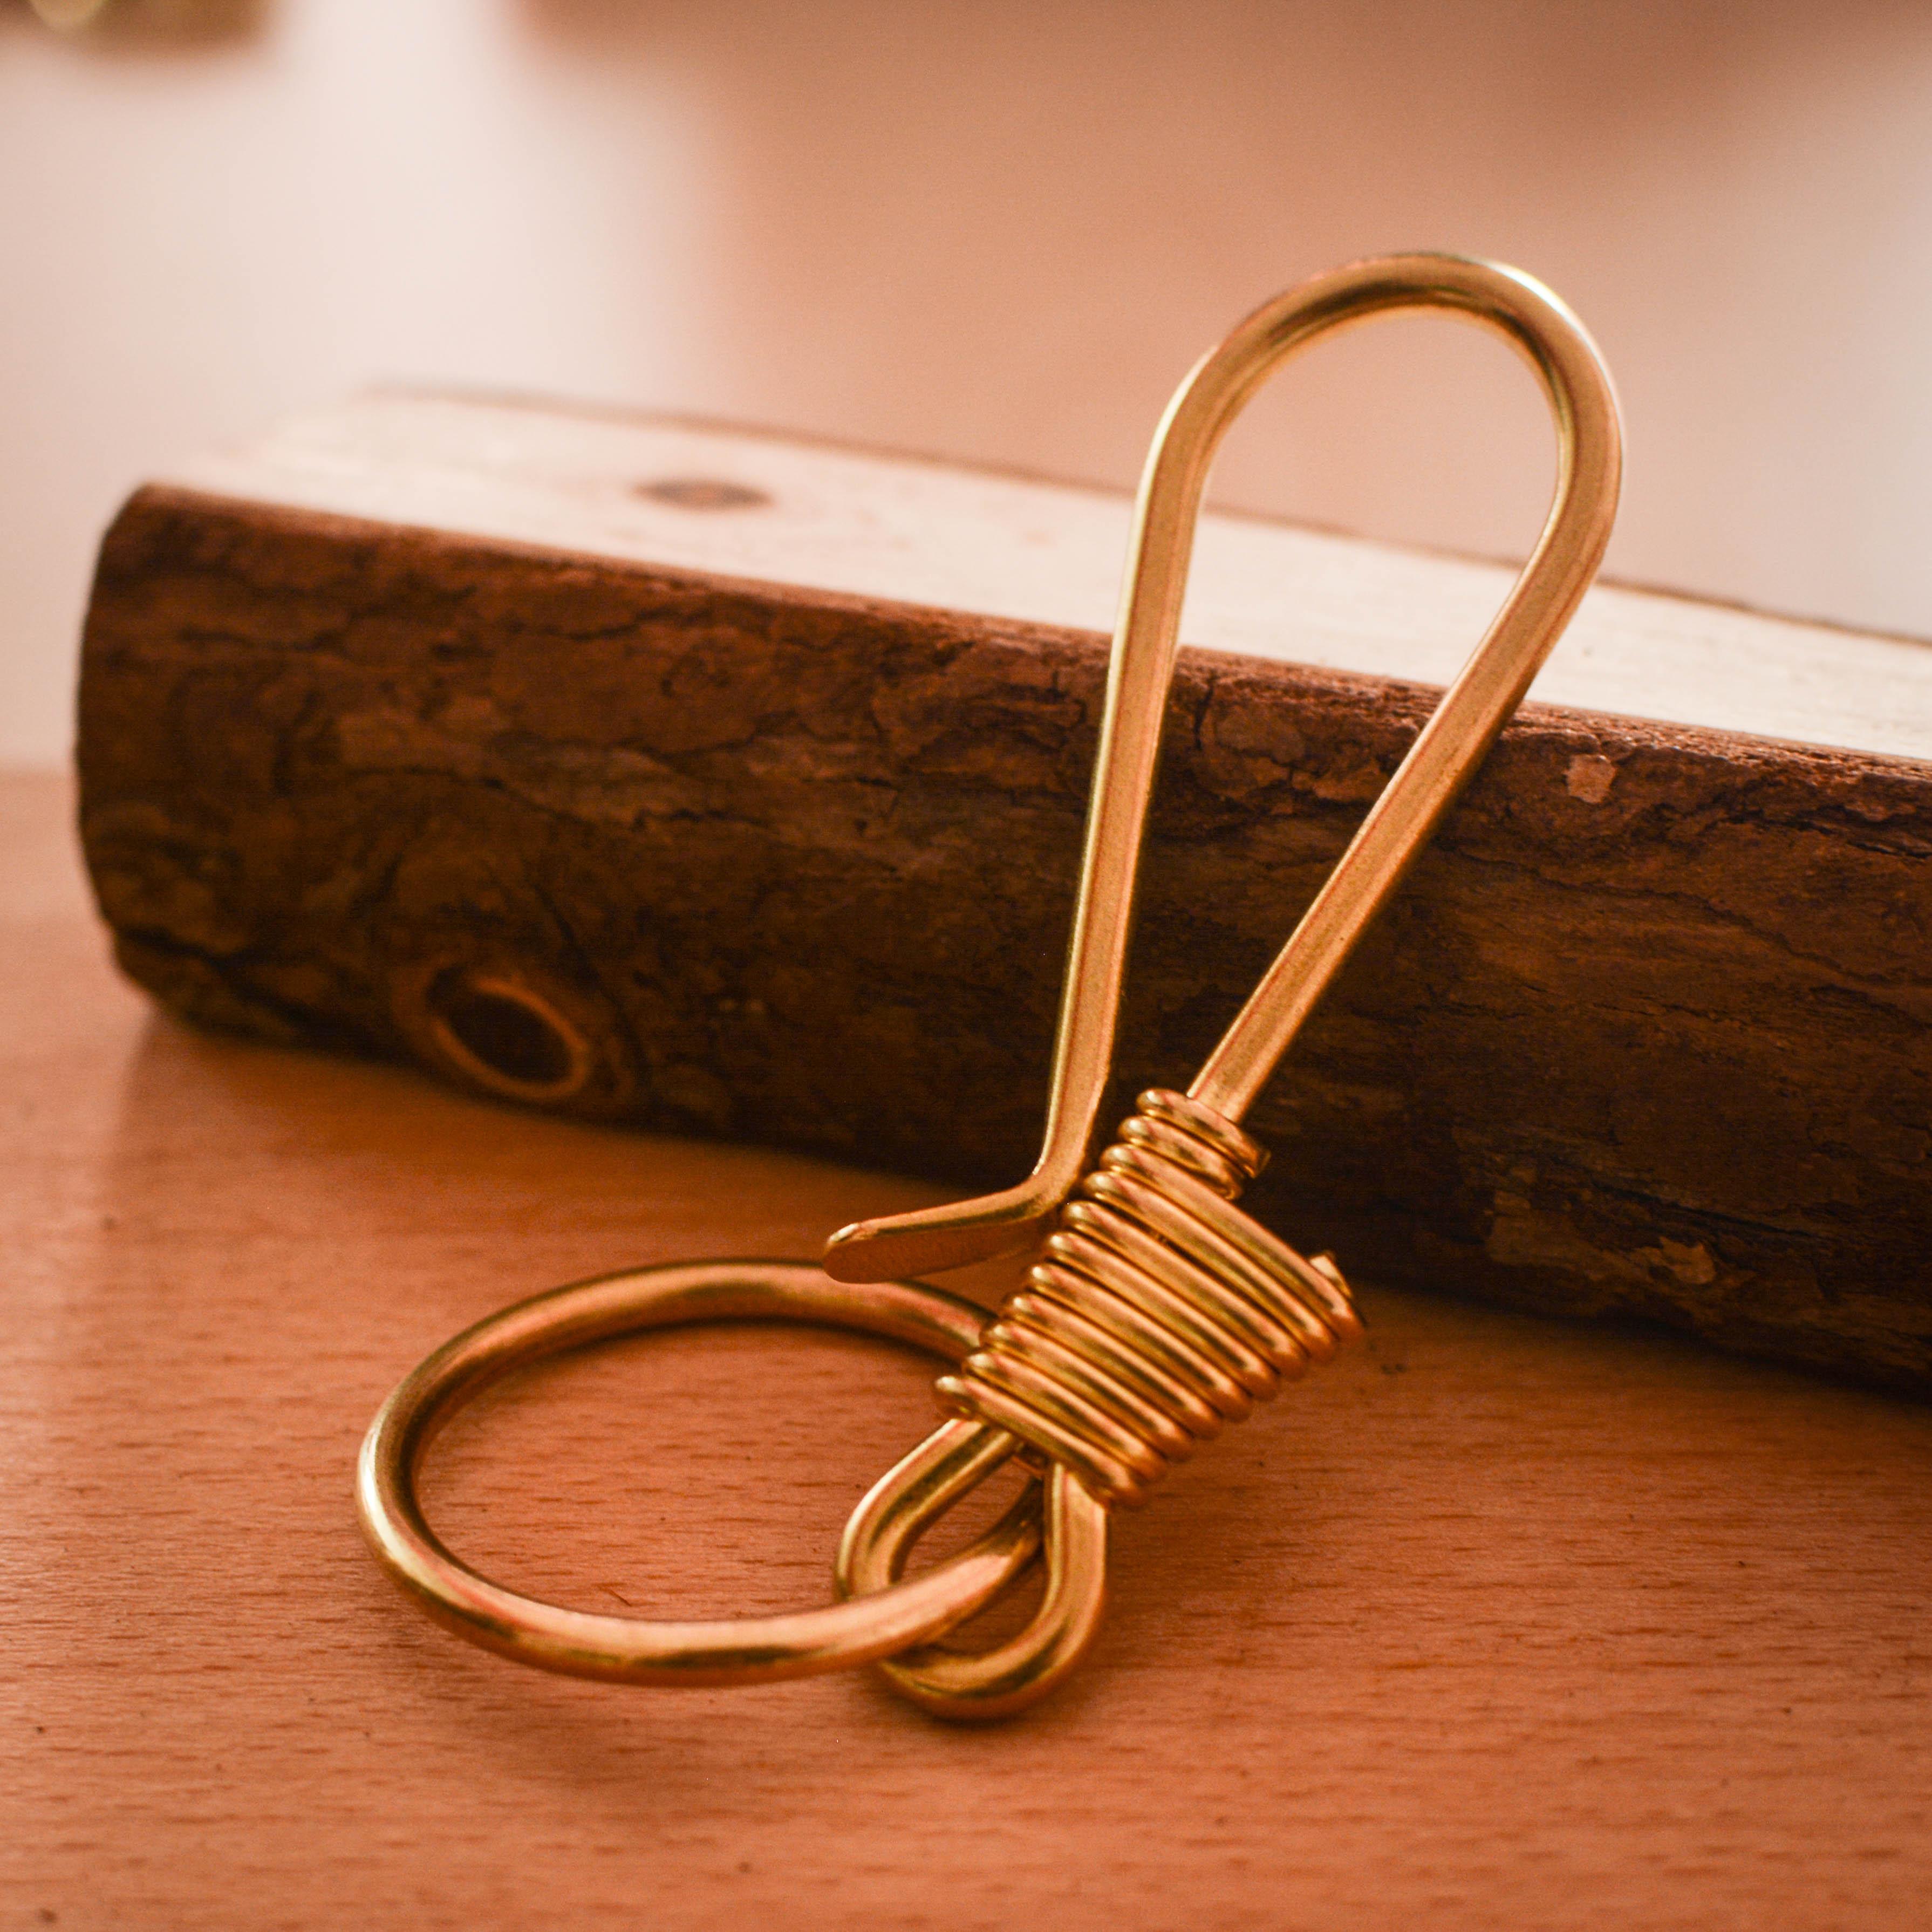 黄铜钥匙扣 汽车钥匙扣 手工制作挂件优惠券